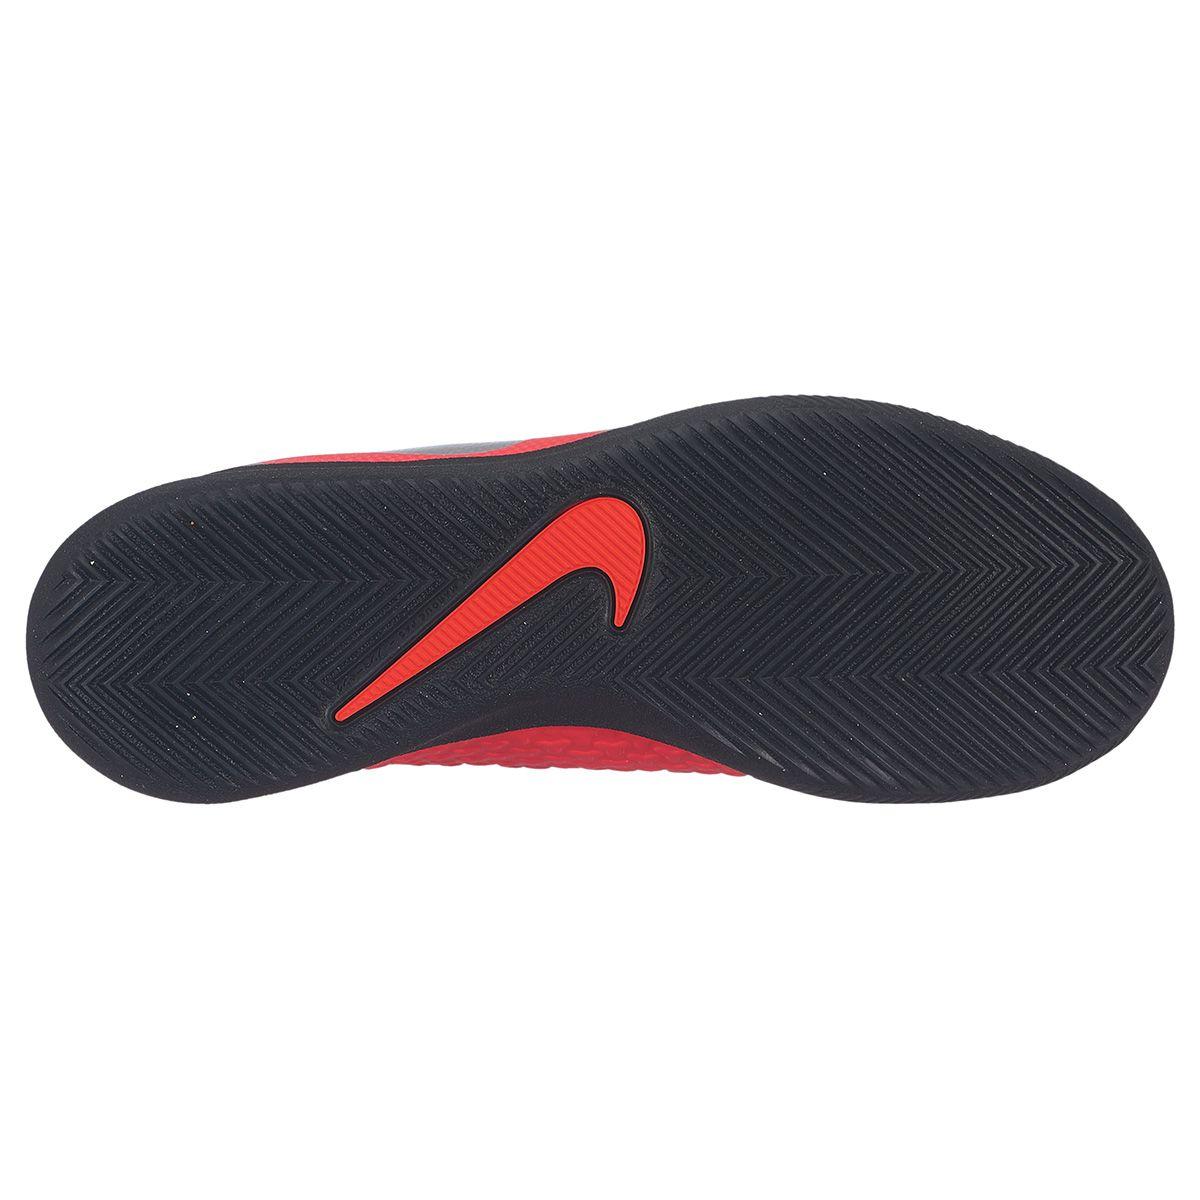 6ec8827f505 Tenis Futsal Nike Phantom VSN Botinha Infantil - SPORT CENTER JARAGUÁ